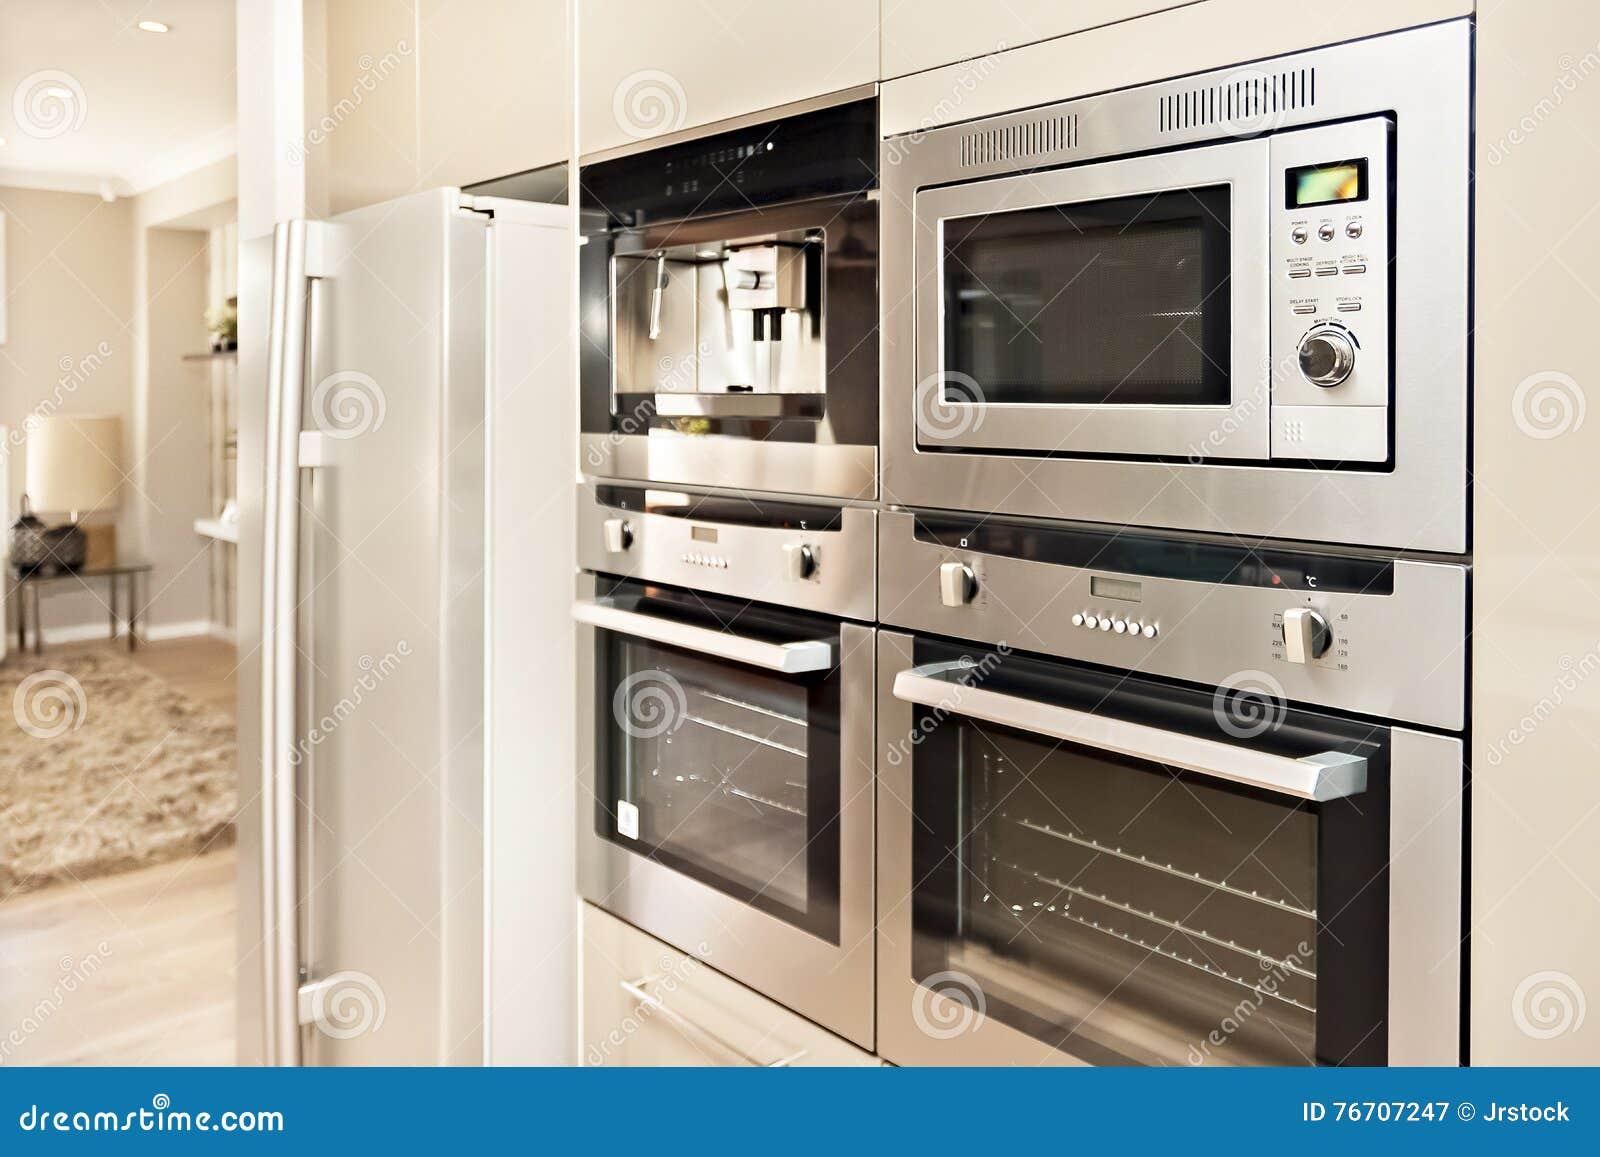 Moderner Ofen Und Kühlschrank Befestigt An Der Wand Mit ...